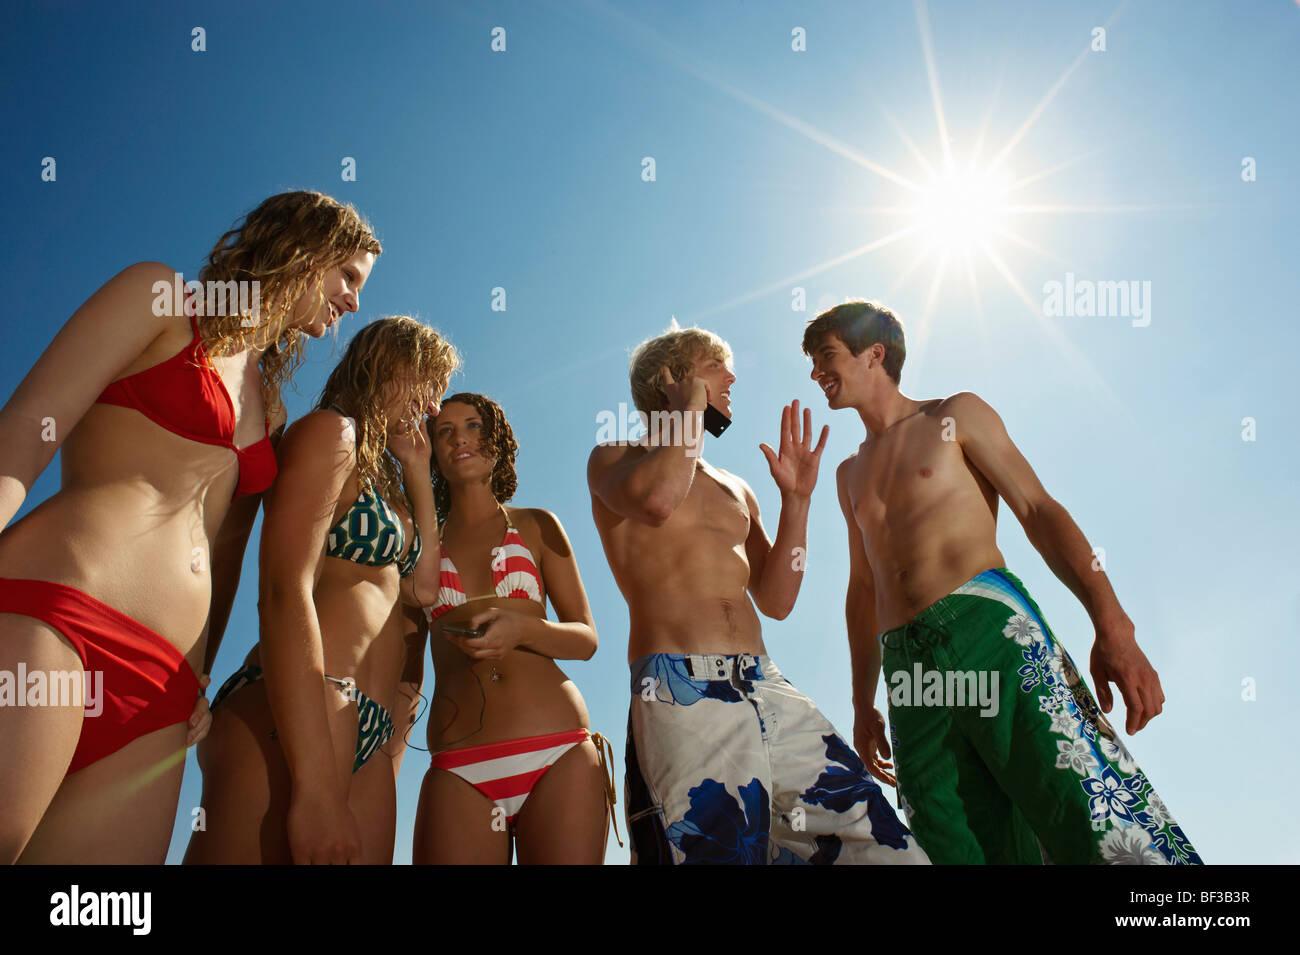 Un gruppo di persone in costume da bagno Immagini Stock